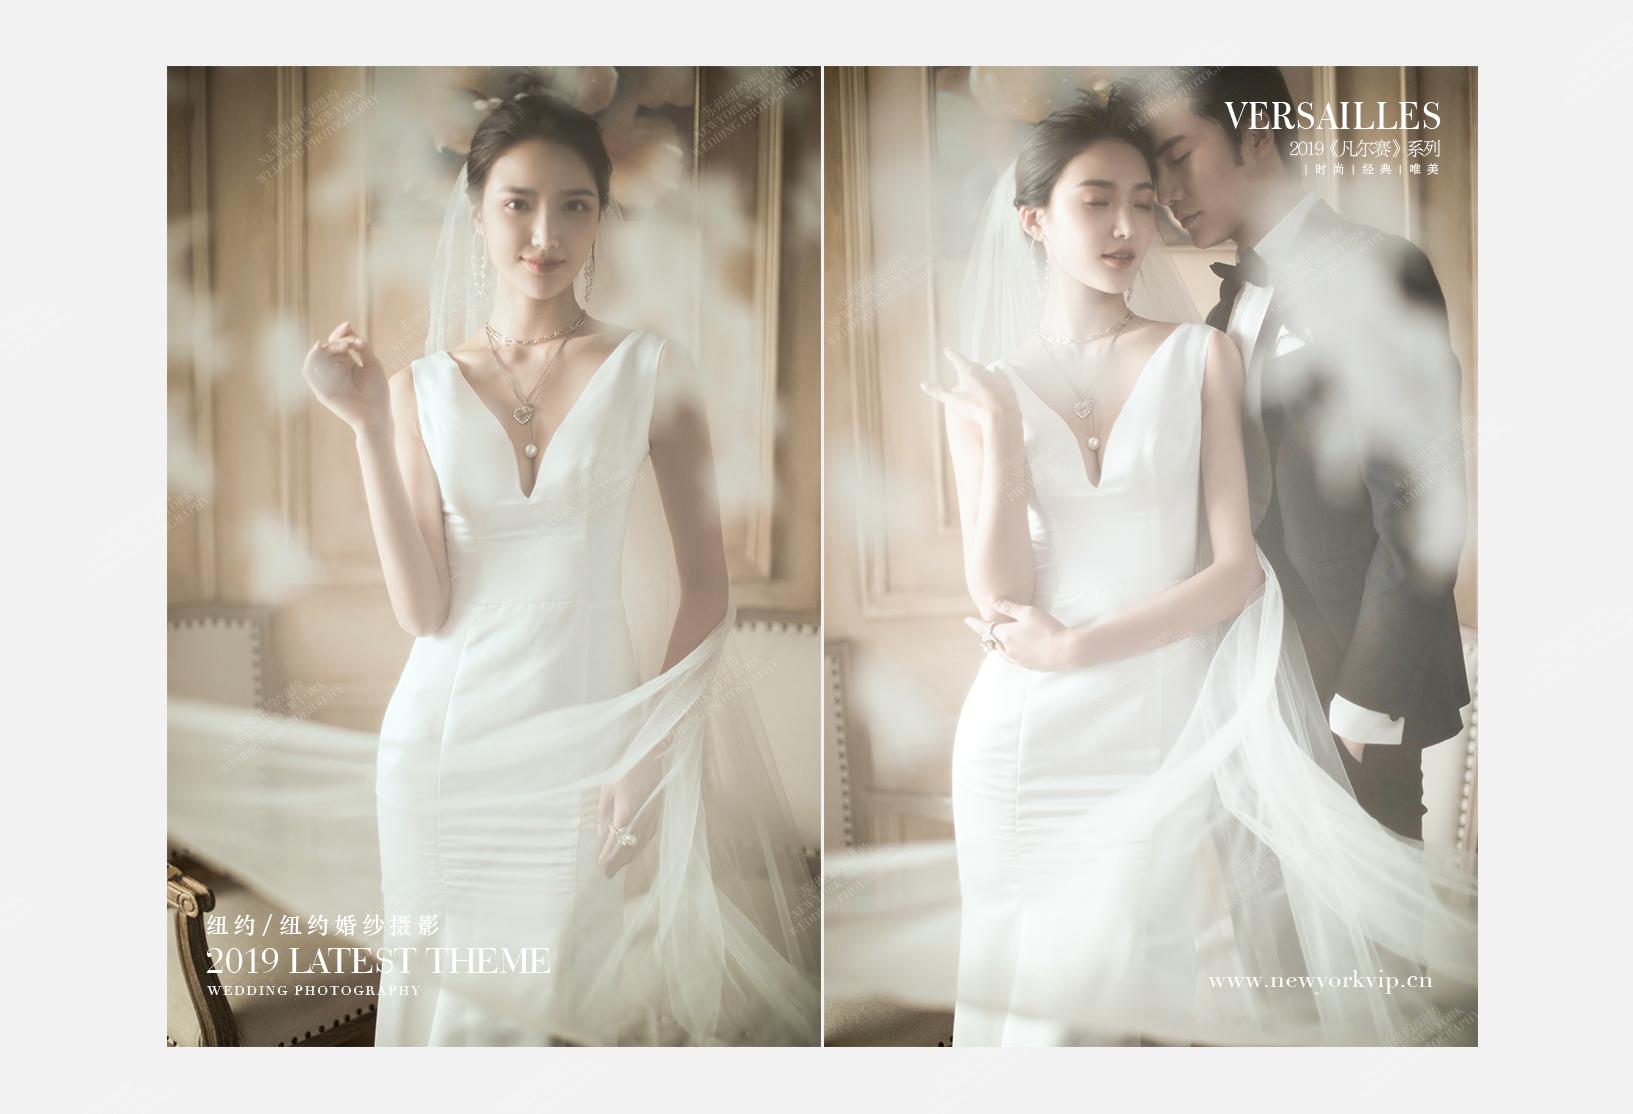 凡尔赛系列婚纱摄影照